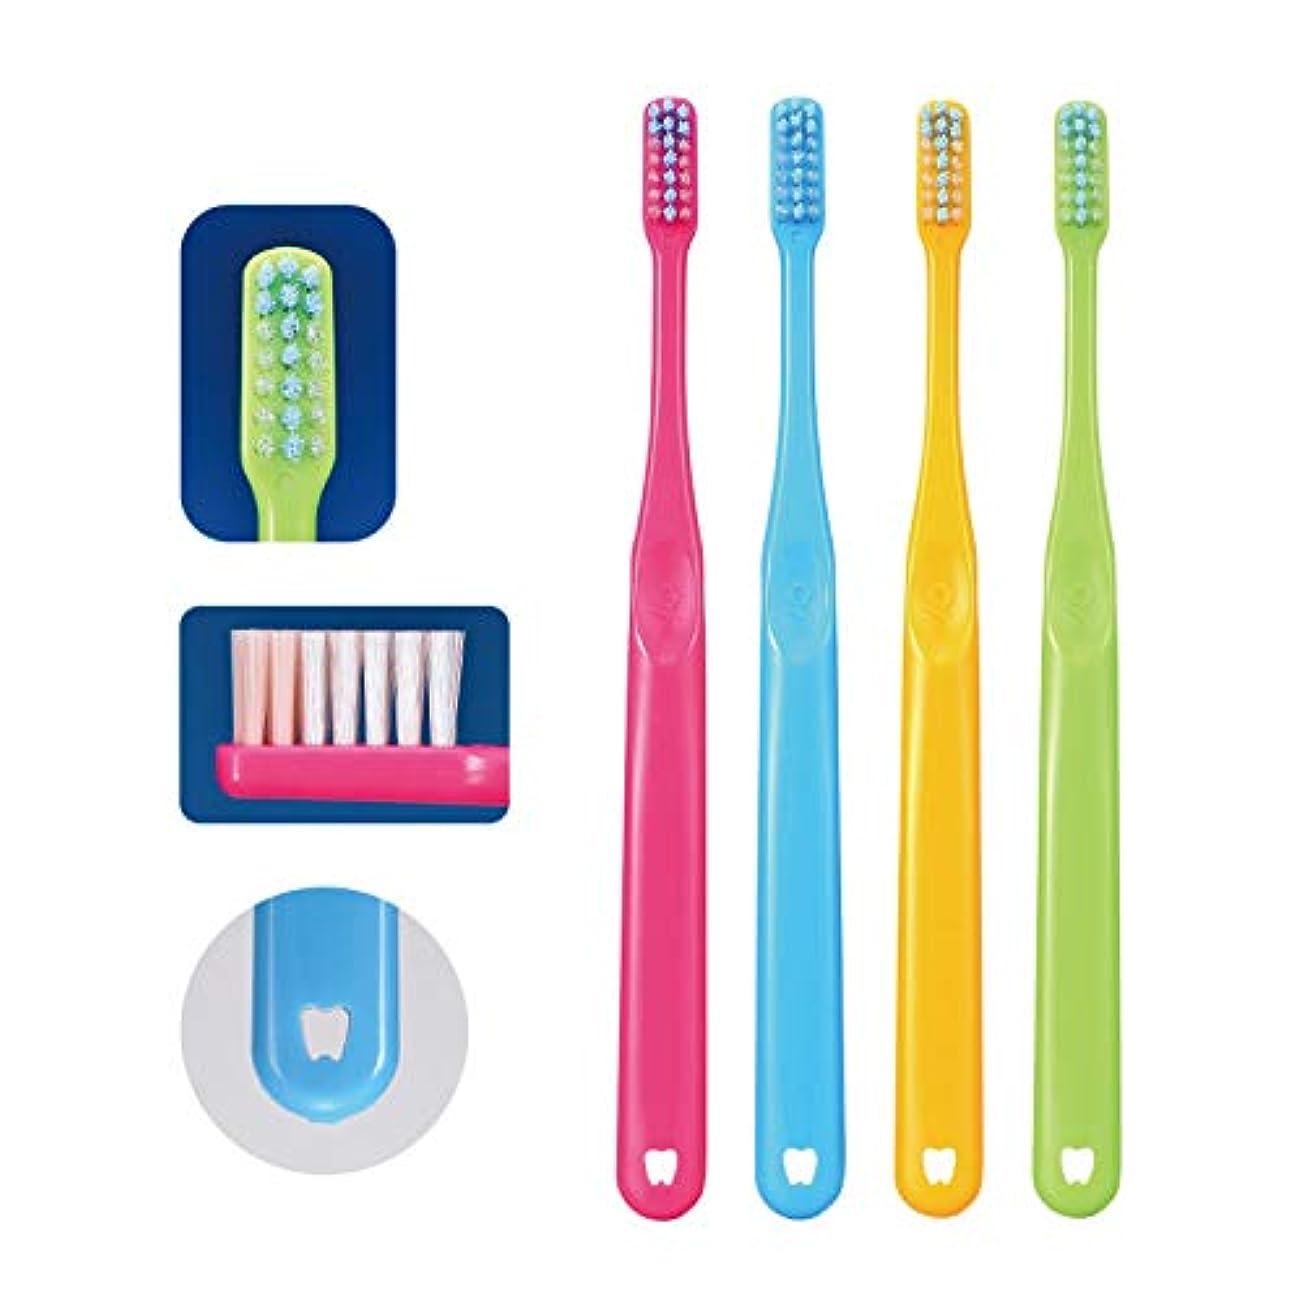 白雪姫強化シリーズCi PRO PLUS プロプラス 歯ブラシ 20本 M(ふつう) 日本製 プラーク除去 歯科専売品